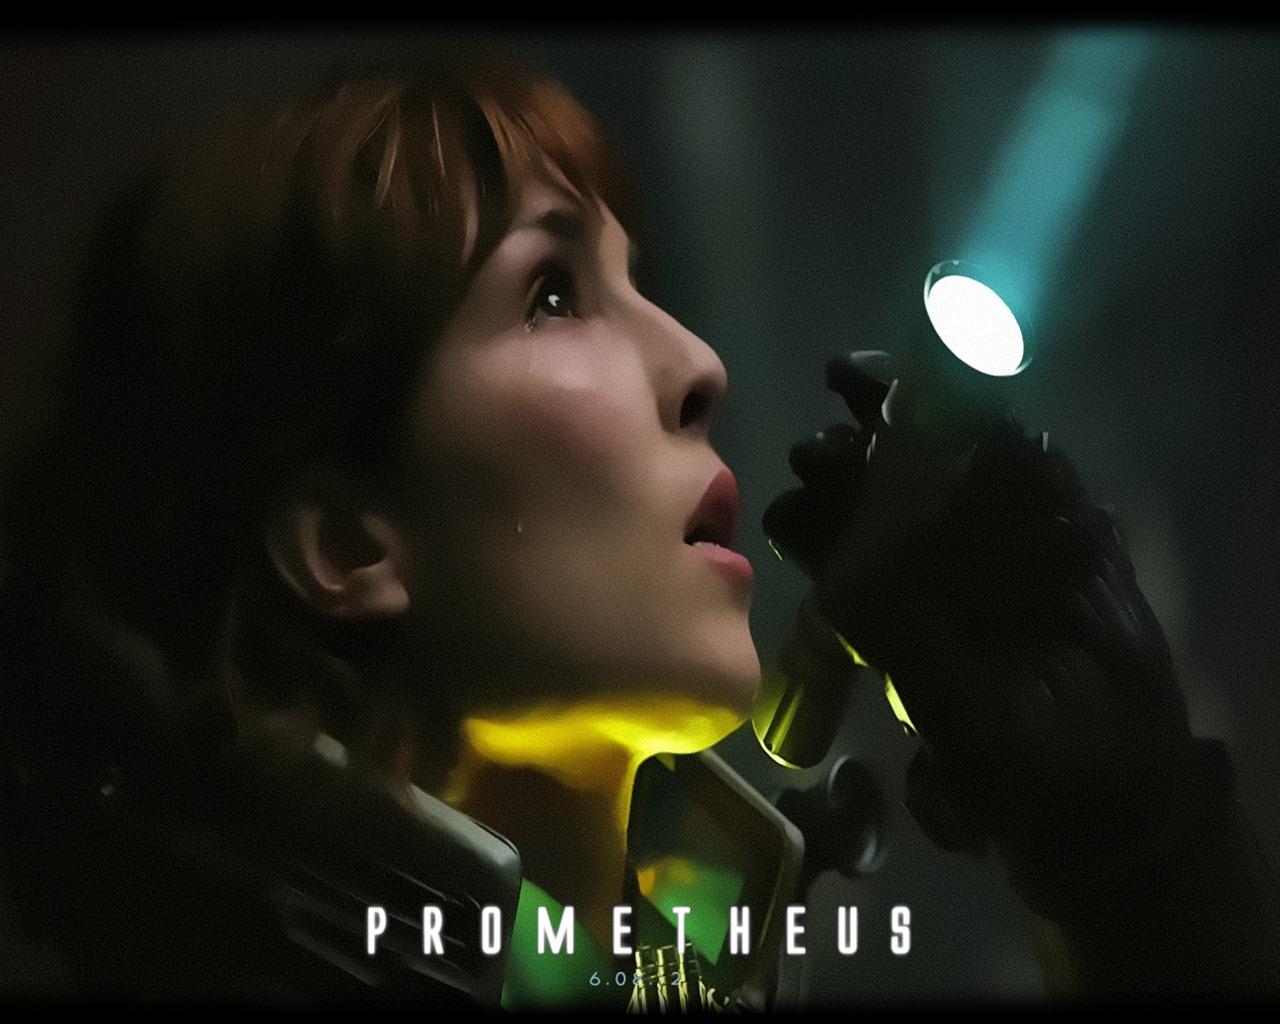 プロメテウス (映画)の画像 p1_27